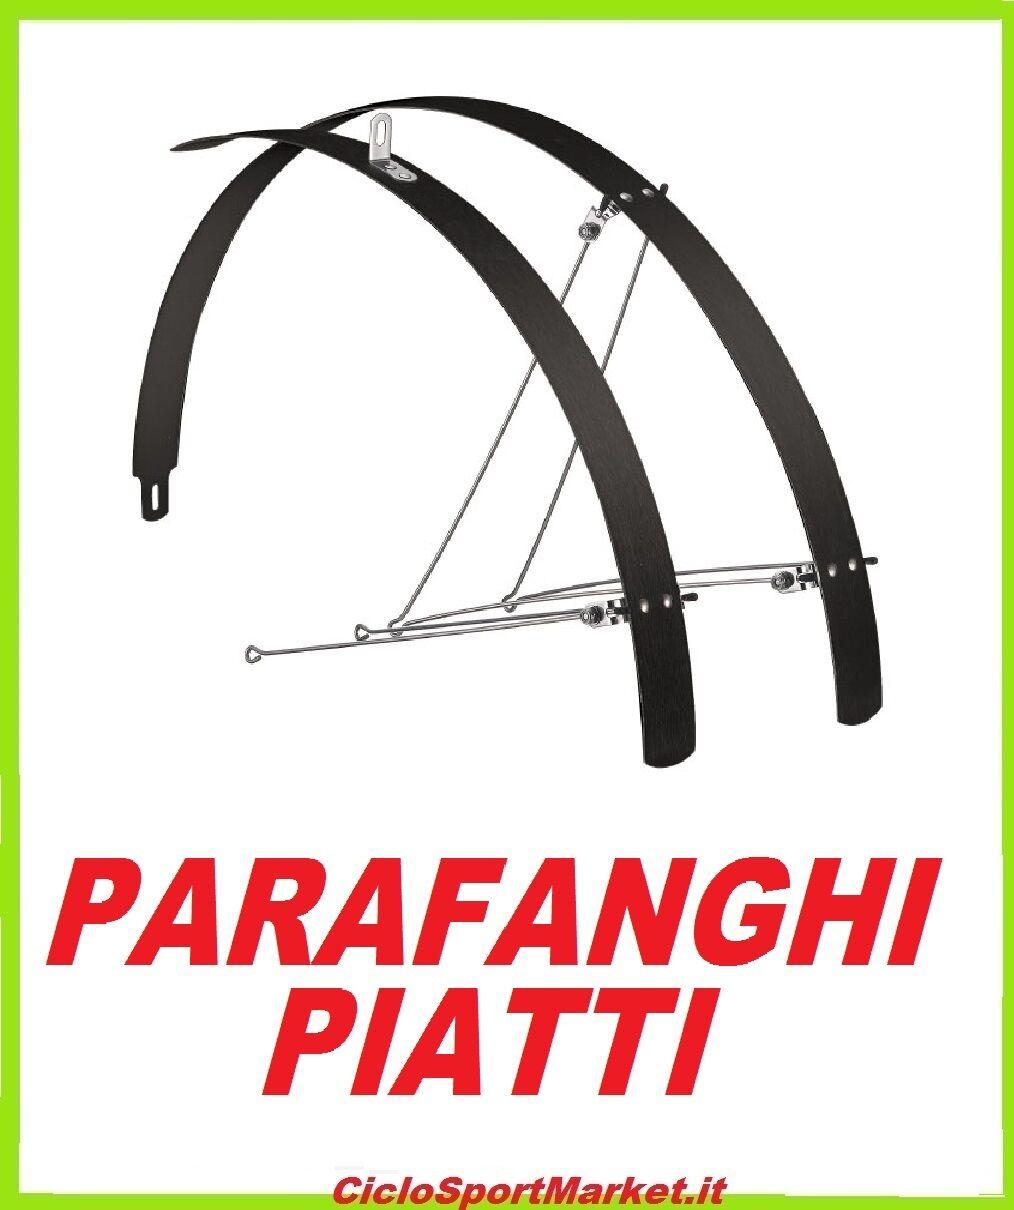 COPPIA PARAFANGHI piatti in ALLUMINIO - per bicicletta City Bike - ALLUMINIO Ibrida 26